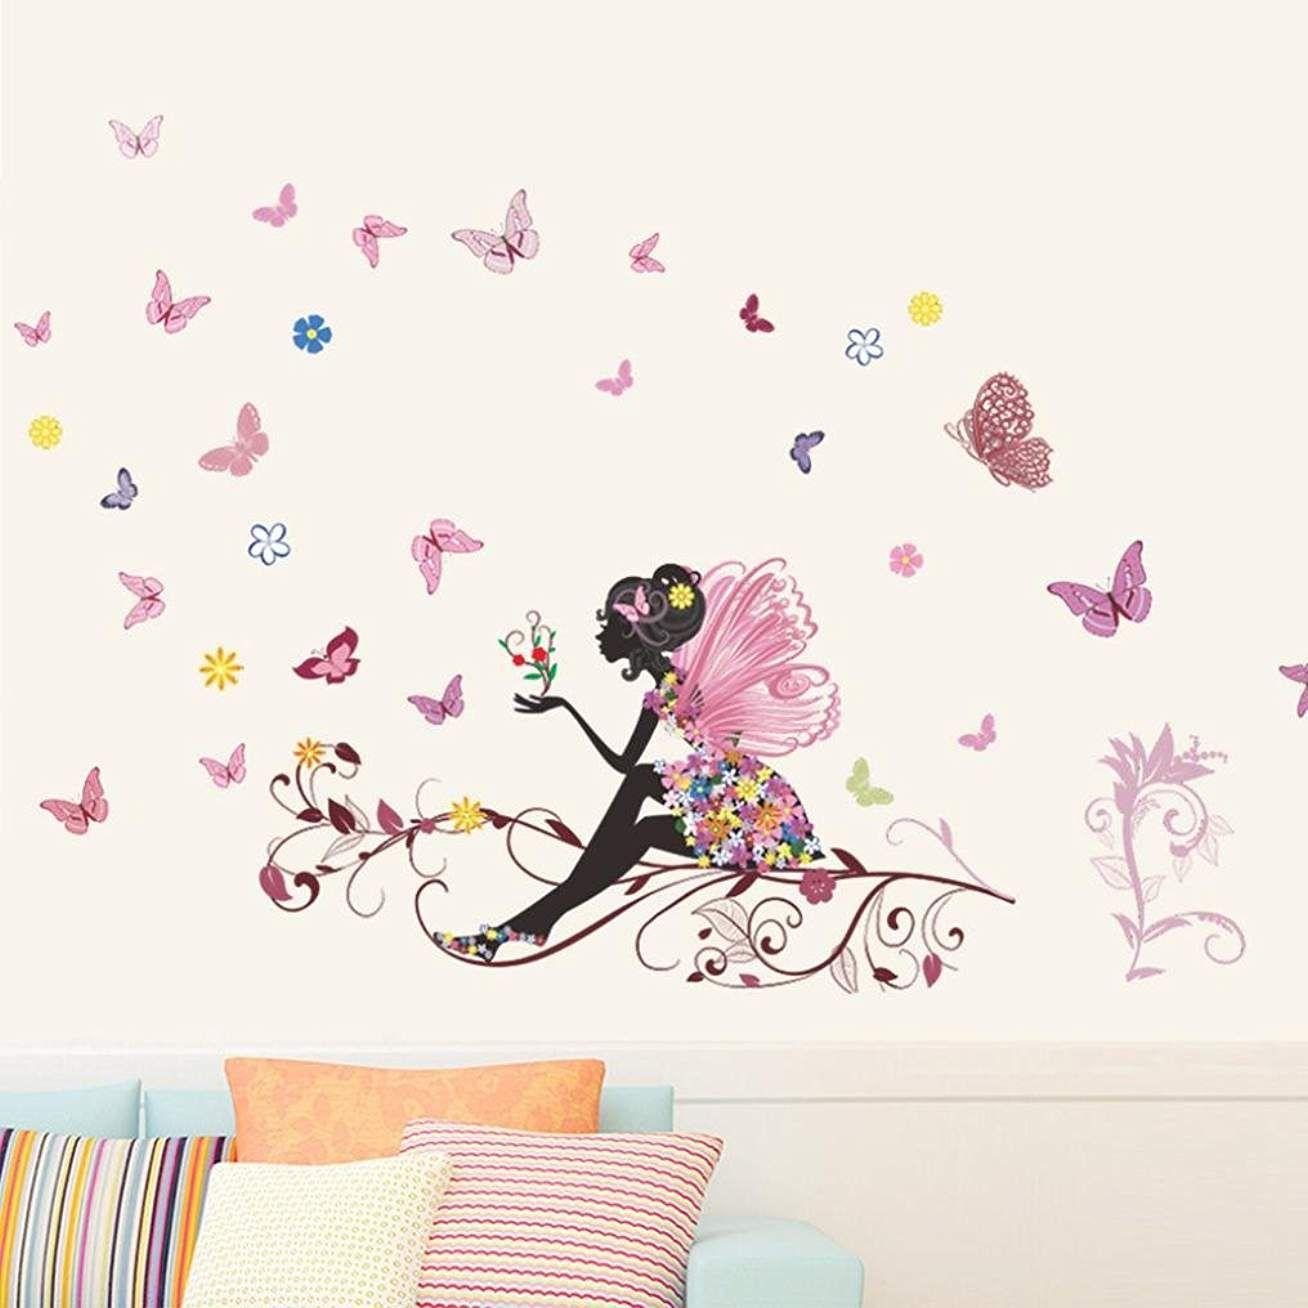 120cm*80cm Eenkula Nouvelle Mode Chambre Salon Wall Stickers Papillon Fleur F/ée Autocollants